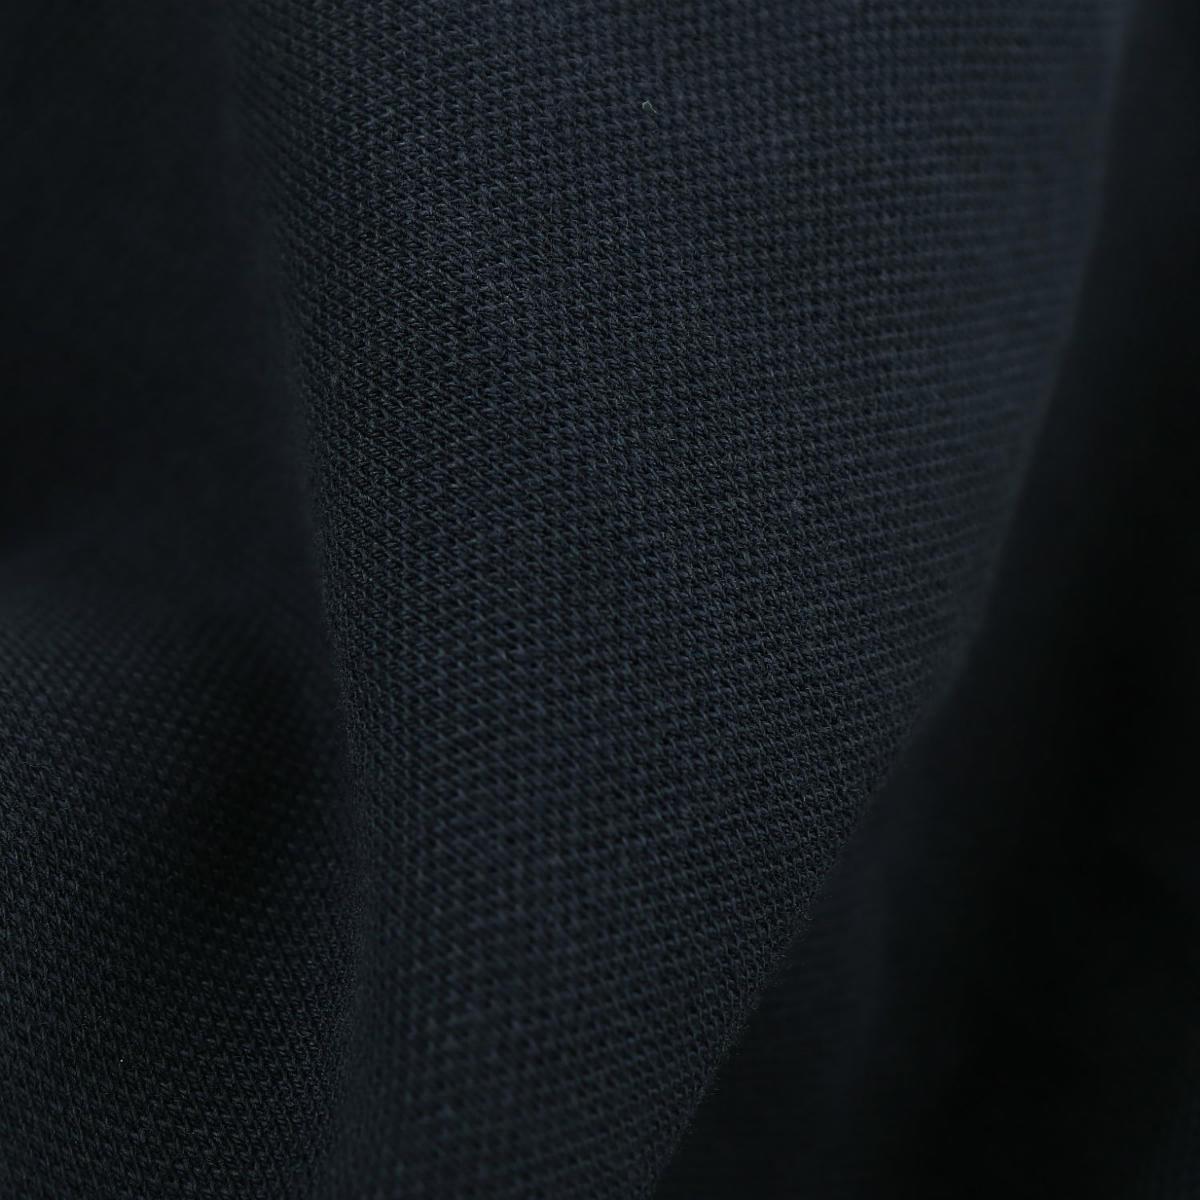 ジャンネット GIANNETTO メンズ コットンストレッチ 鹿の子 半袖 カッタウェイカラー クラシックポロシャツ 1103-VENIPLSHSS GNT OBLU(ネイビー) 春夏新作